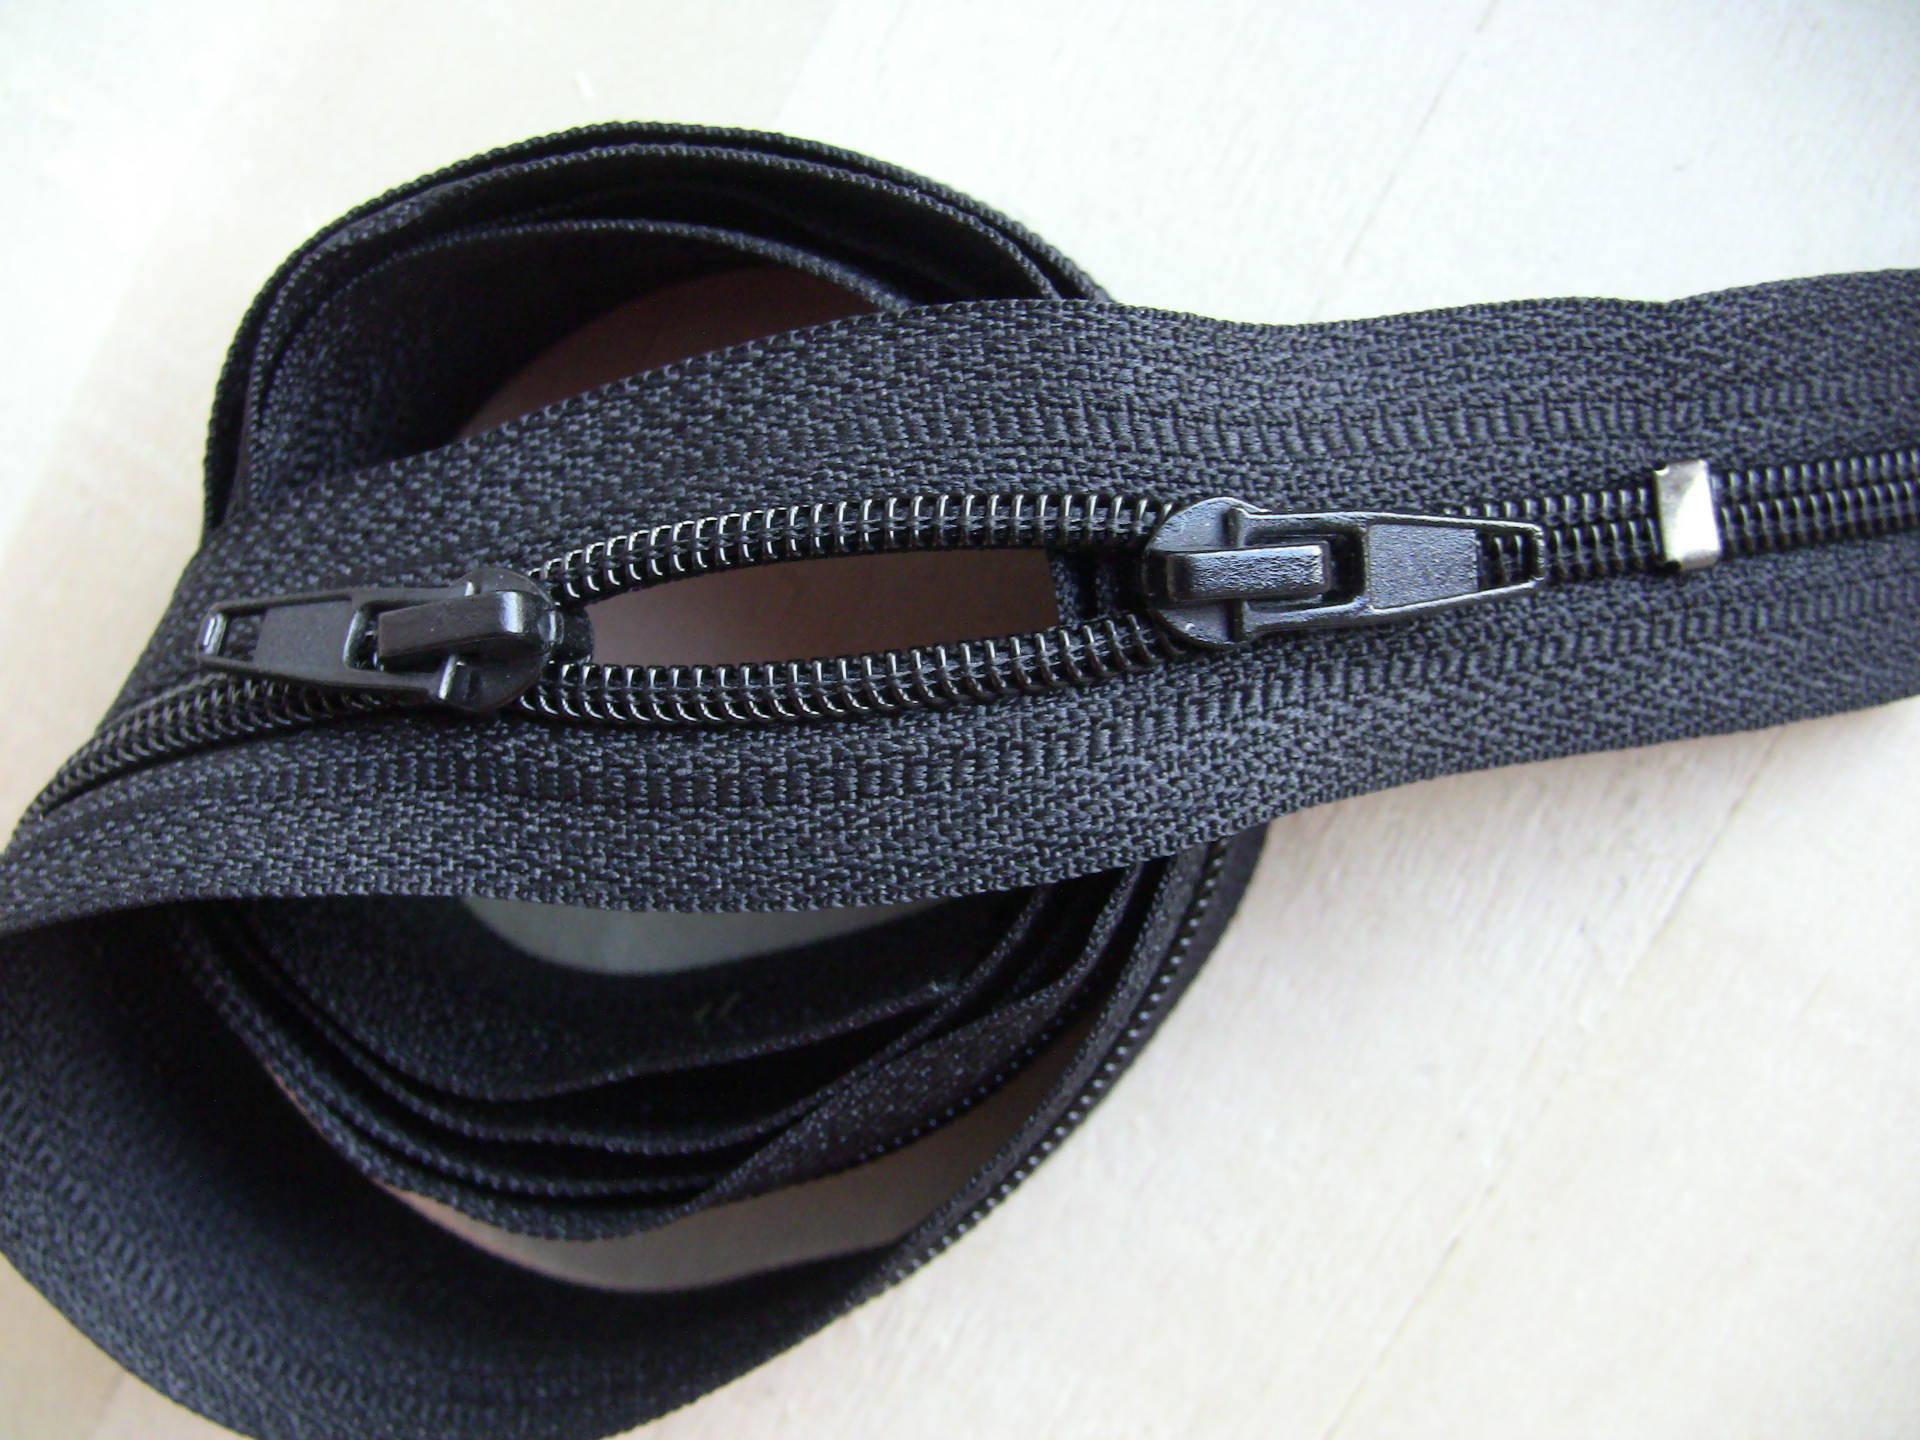 N5 2CUR6050 NOIR1M Fermeture eclair a glissiere noir 1 metre à double curseurs pour sac,housse,pochette,vetements